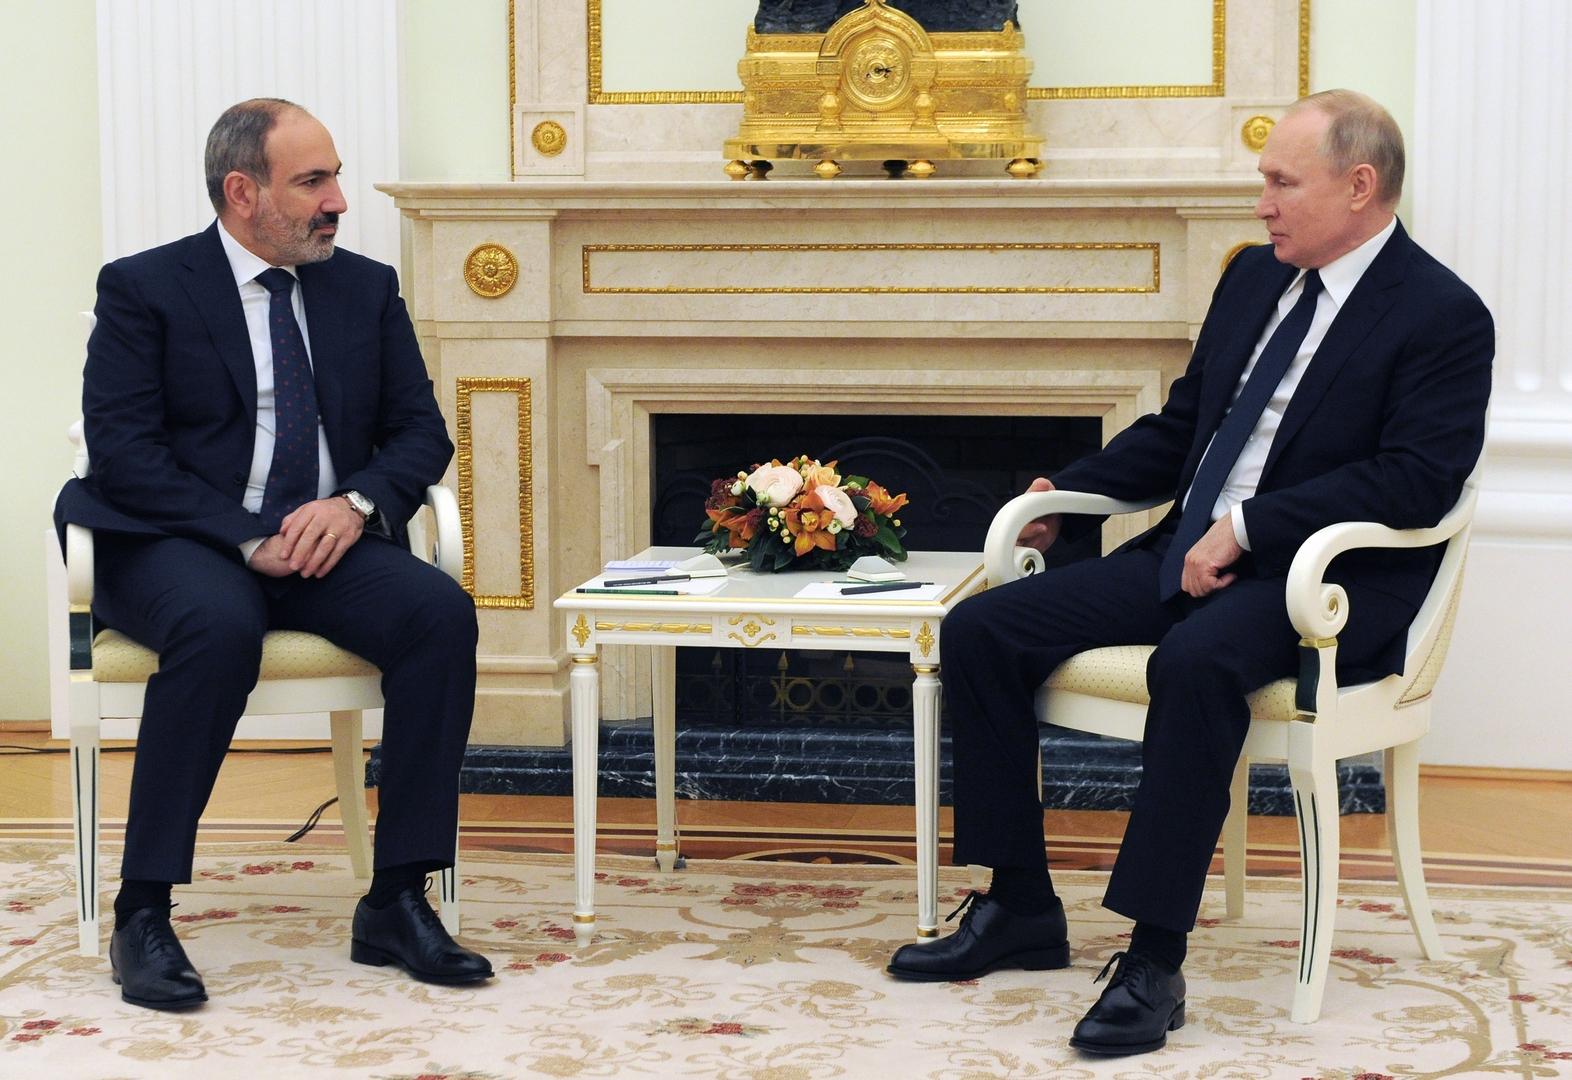 باشينيان: طلبت من بوتين مساعدة عسكرية في ظل الأوضاع على حدود أرمينيا مع أذربيجان